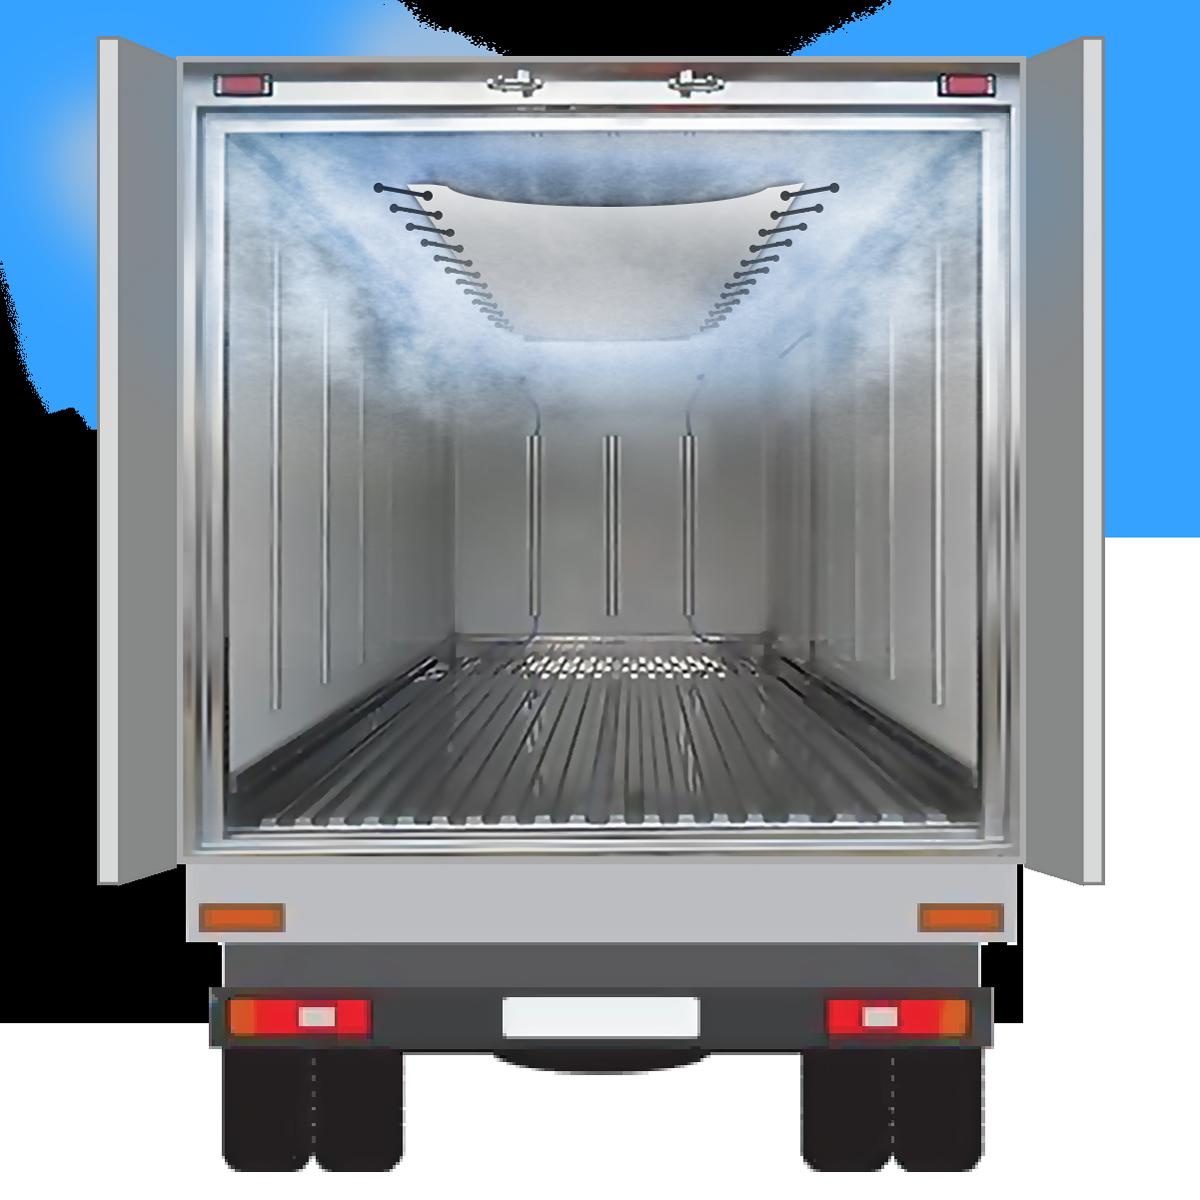 Обеспечивают распределение потоков воздуха по всему объему фургона